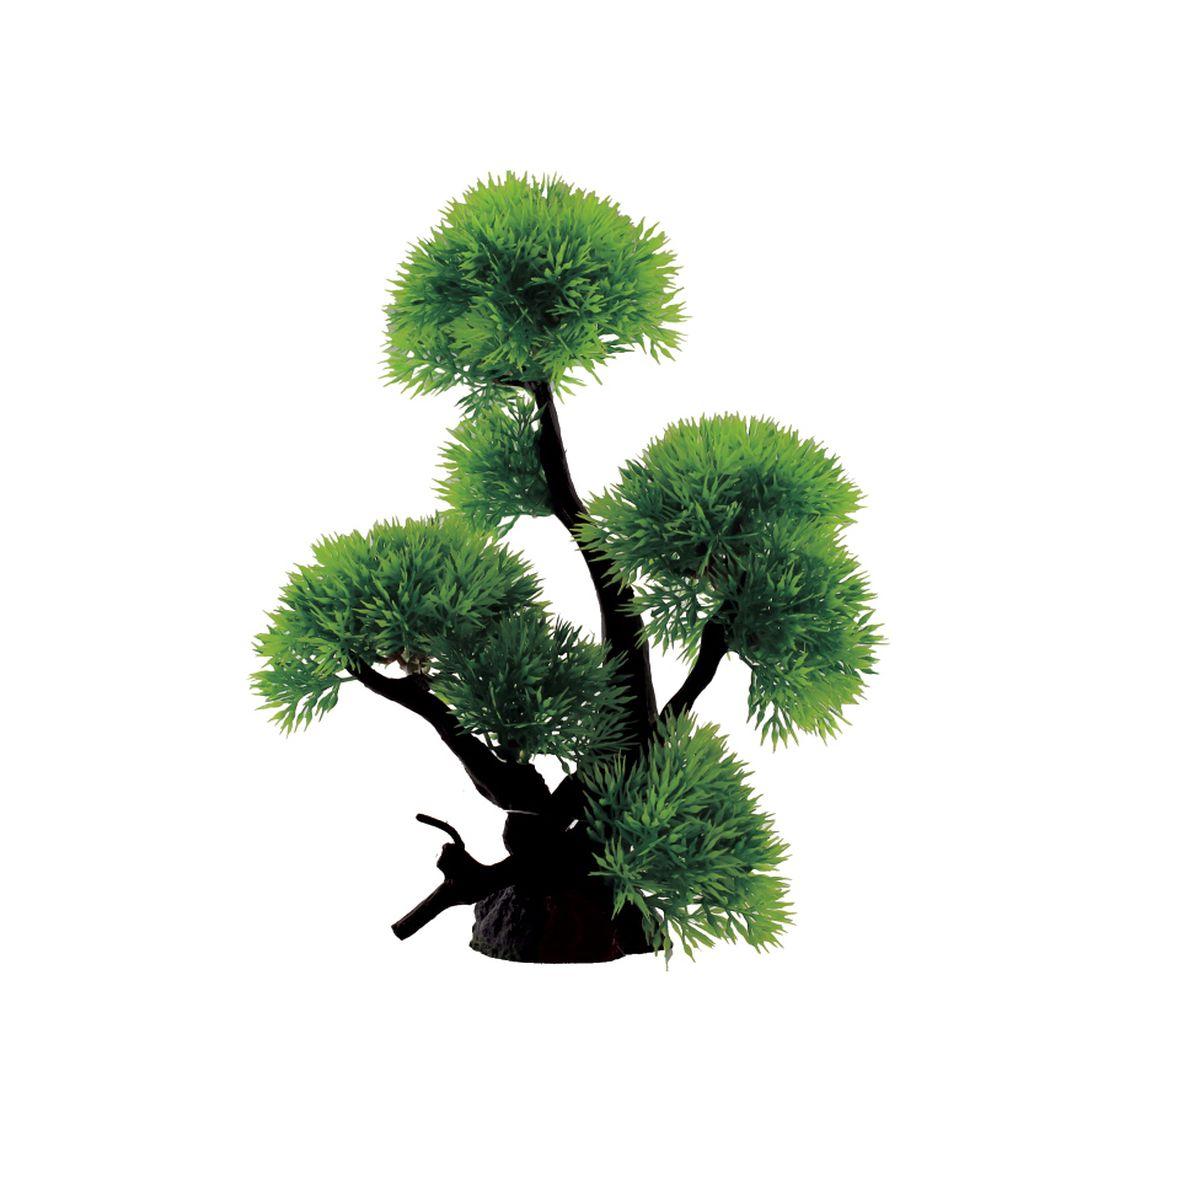 Композиция из растений для аквариума ArtUniq Риччия, 18 x 11 x 24 смART-1130306Композиция из растений для аквариума ArtUniq Риччия, 18 x 11 x 24 см